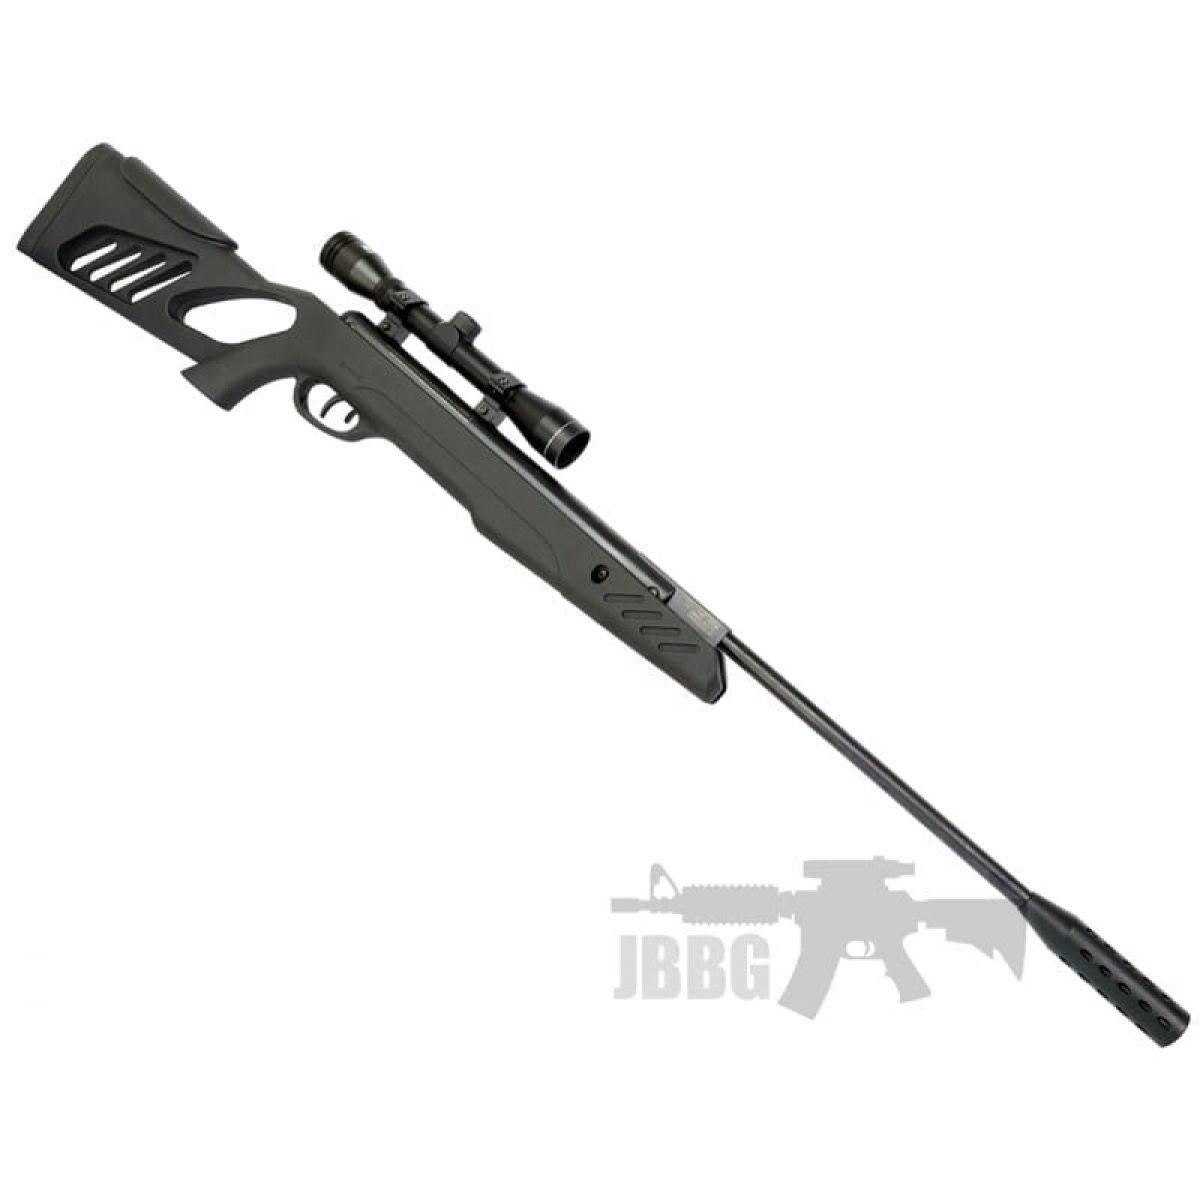 SWISS ARMS TAC-1 AIR RIFLE 22